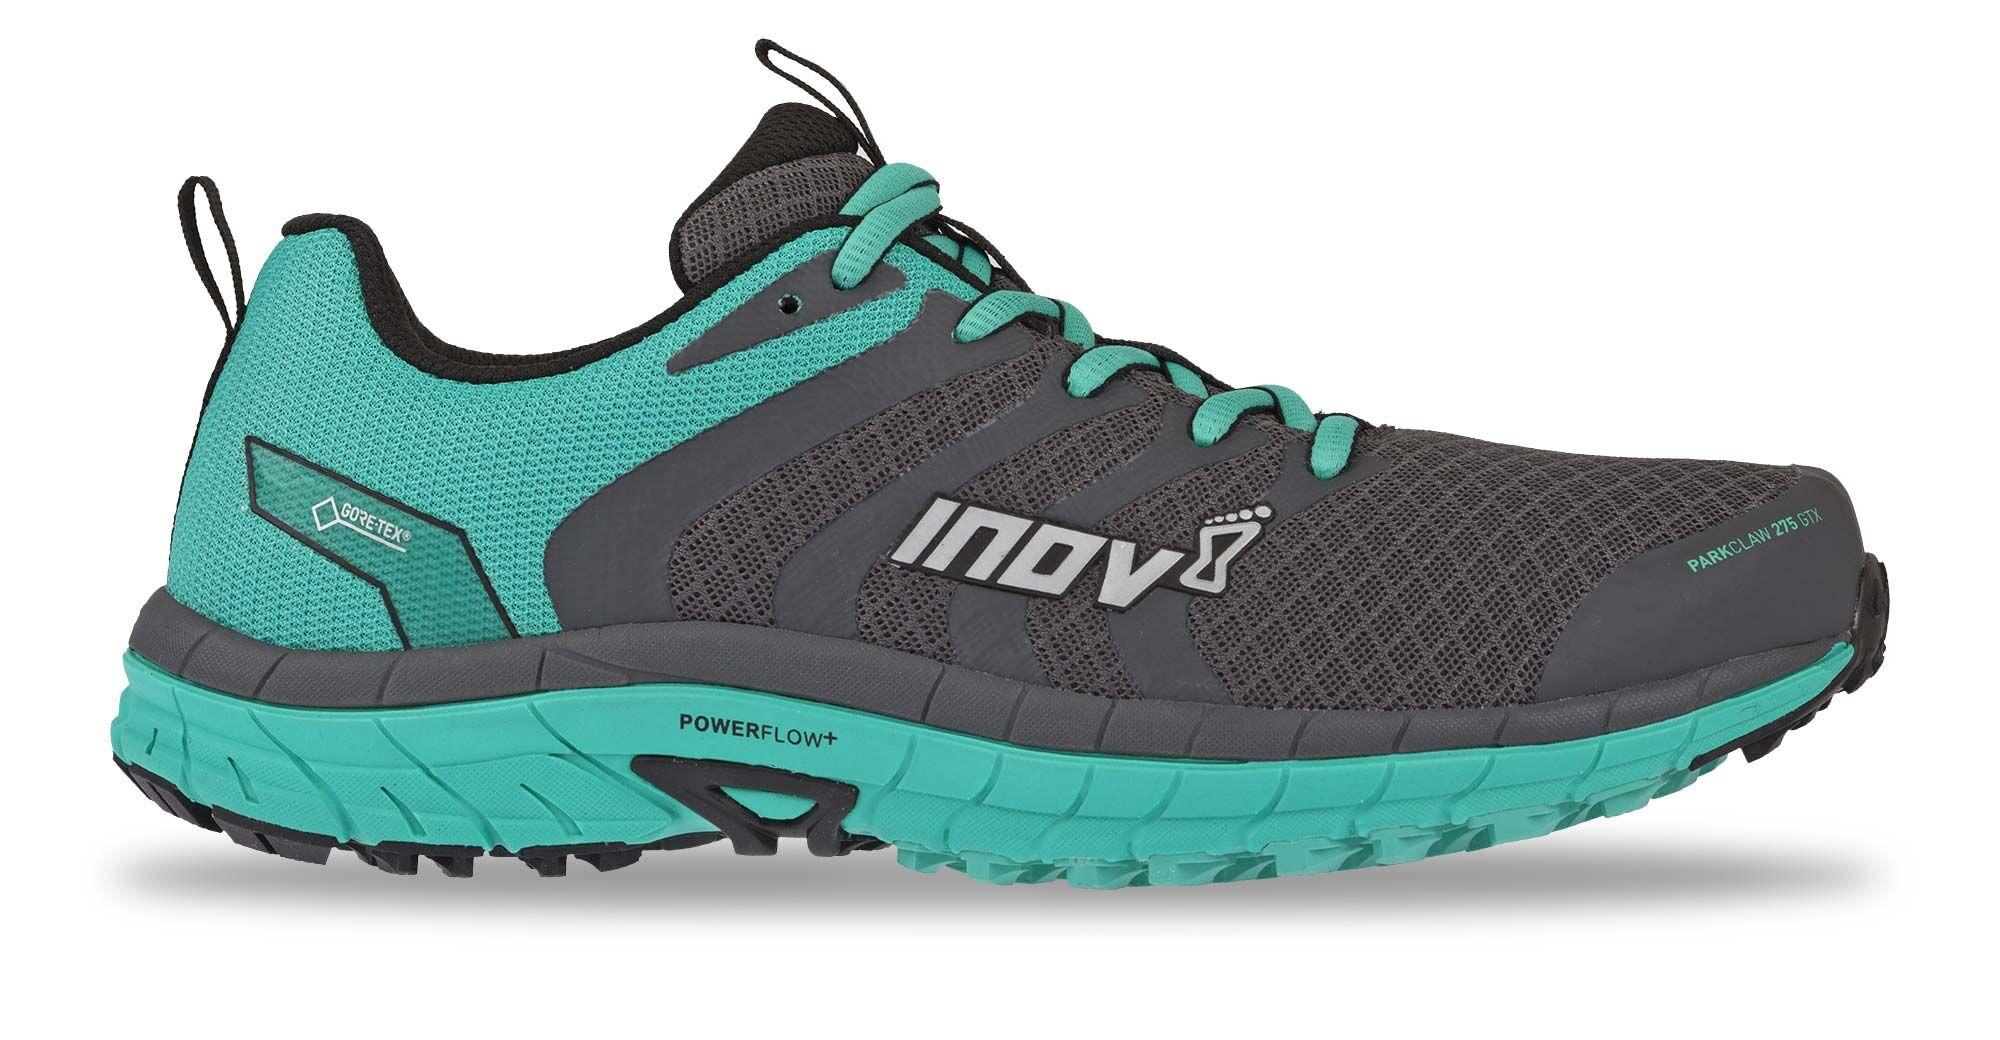 Parkclaw 275 GTX Women's Running Shoe